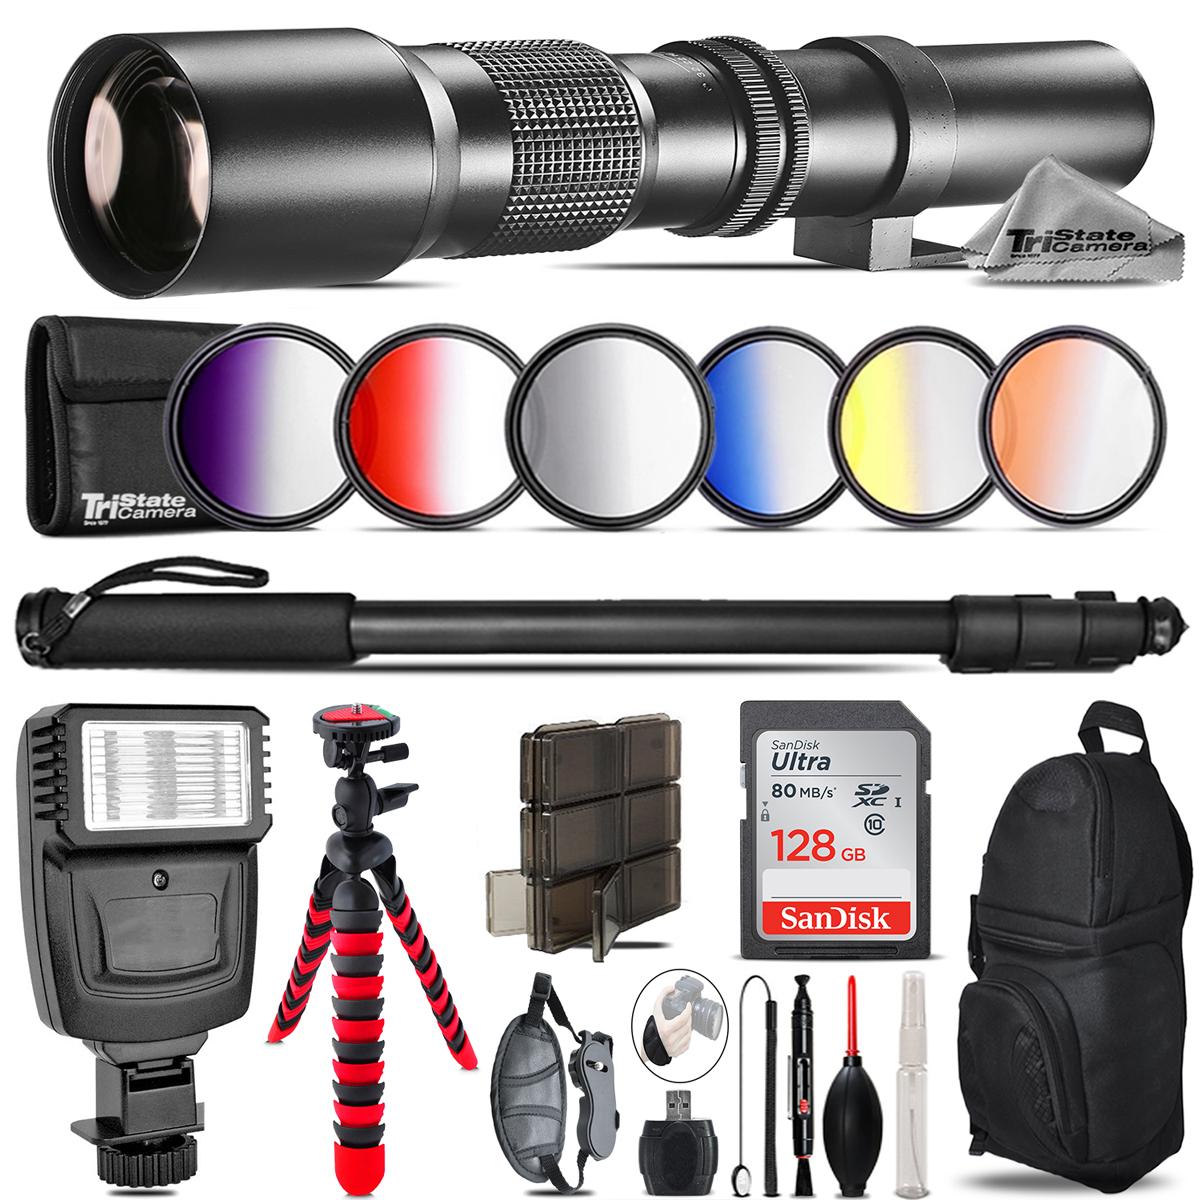 500mm Telephoto Lens for Nikon D3100 D3200 + Flash +  Tripod & More - 128GB Kit